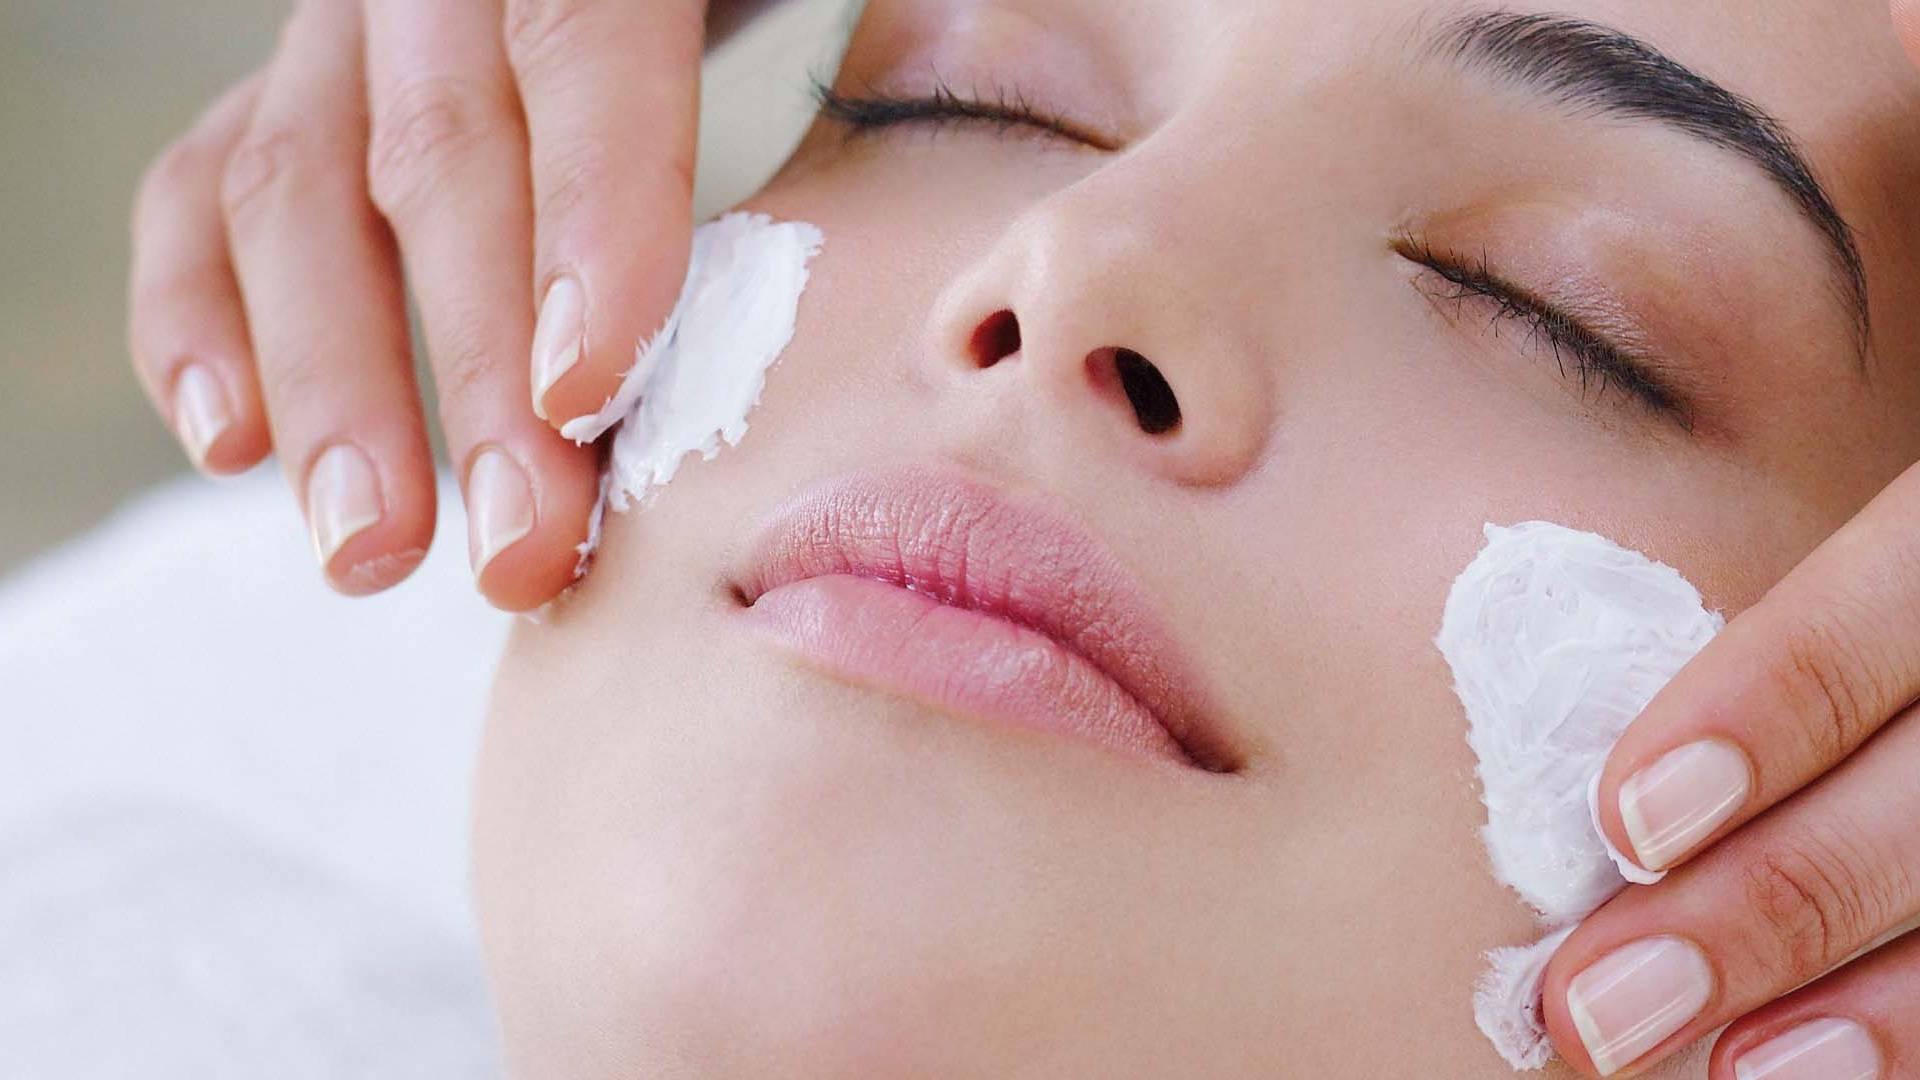 33ad2b8a5 ... البشرة الجافة للوجه ، والكفير يشبع الخلايا ذات المحتوى العالي من  الكالسيوم. لتحضير القناع ، خذ ملعقتين من الزبادي لخيار تمزيقه واترك العلاج على  الجلد ...